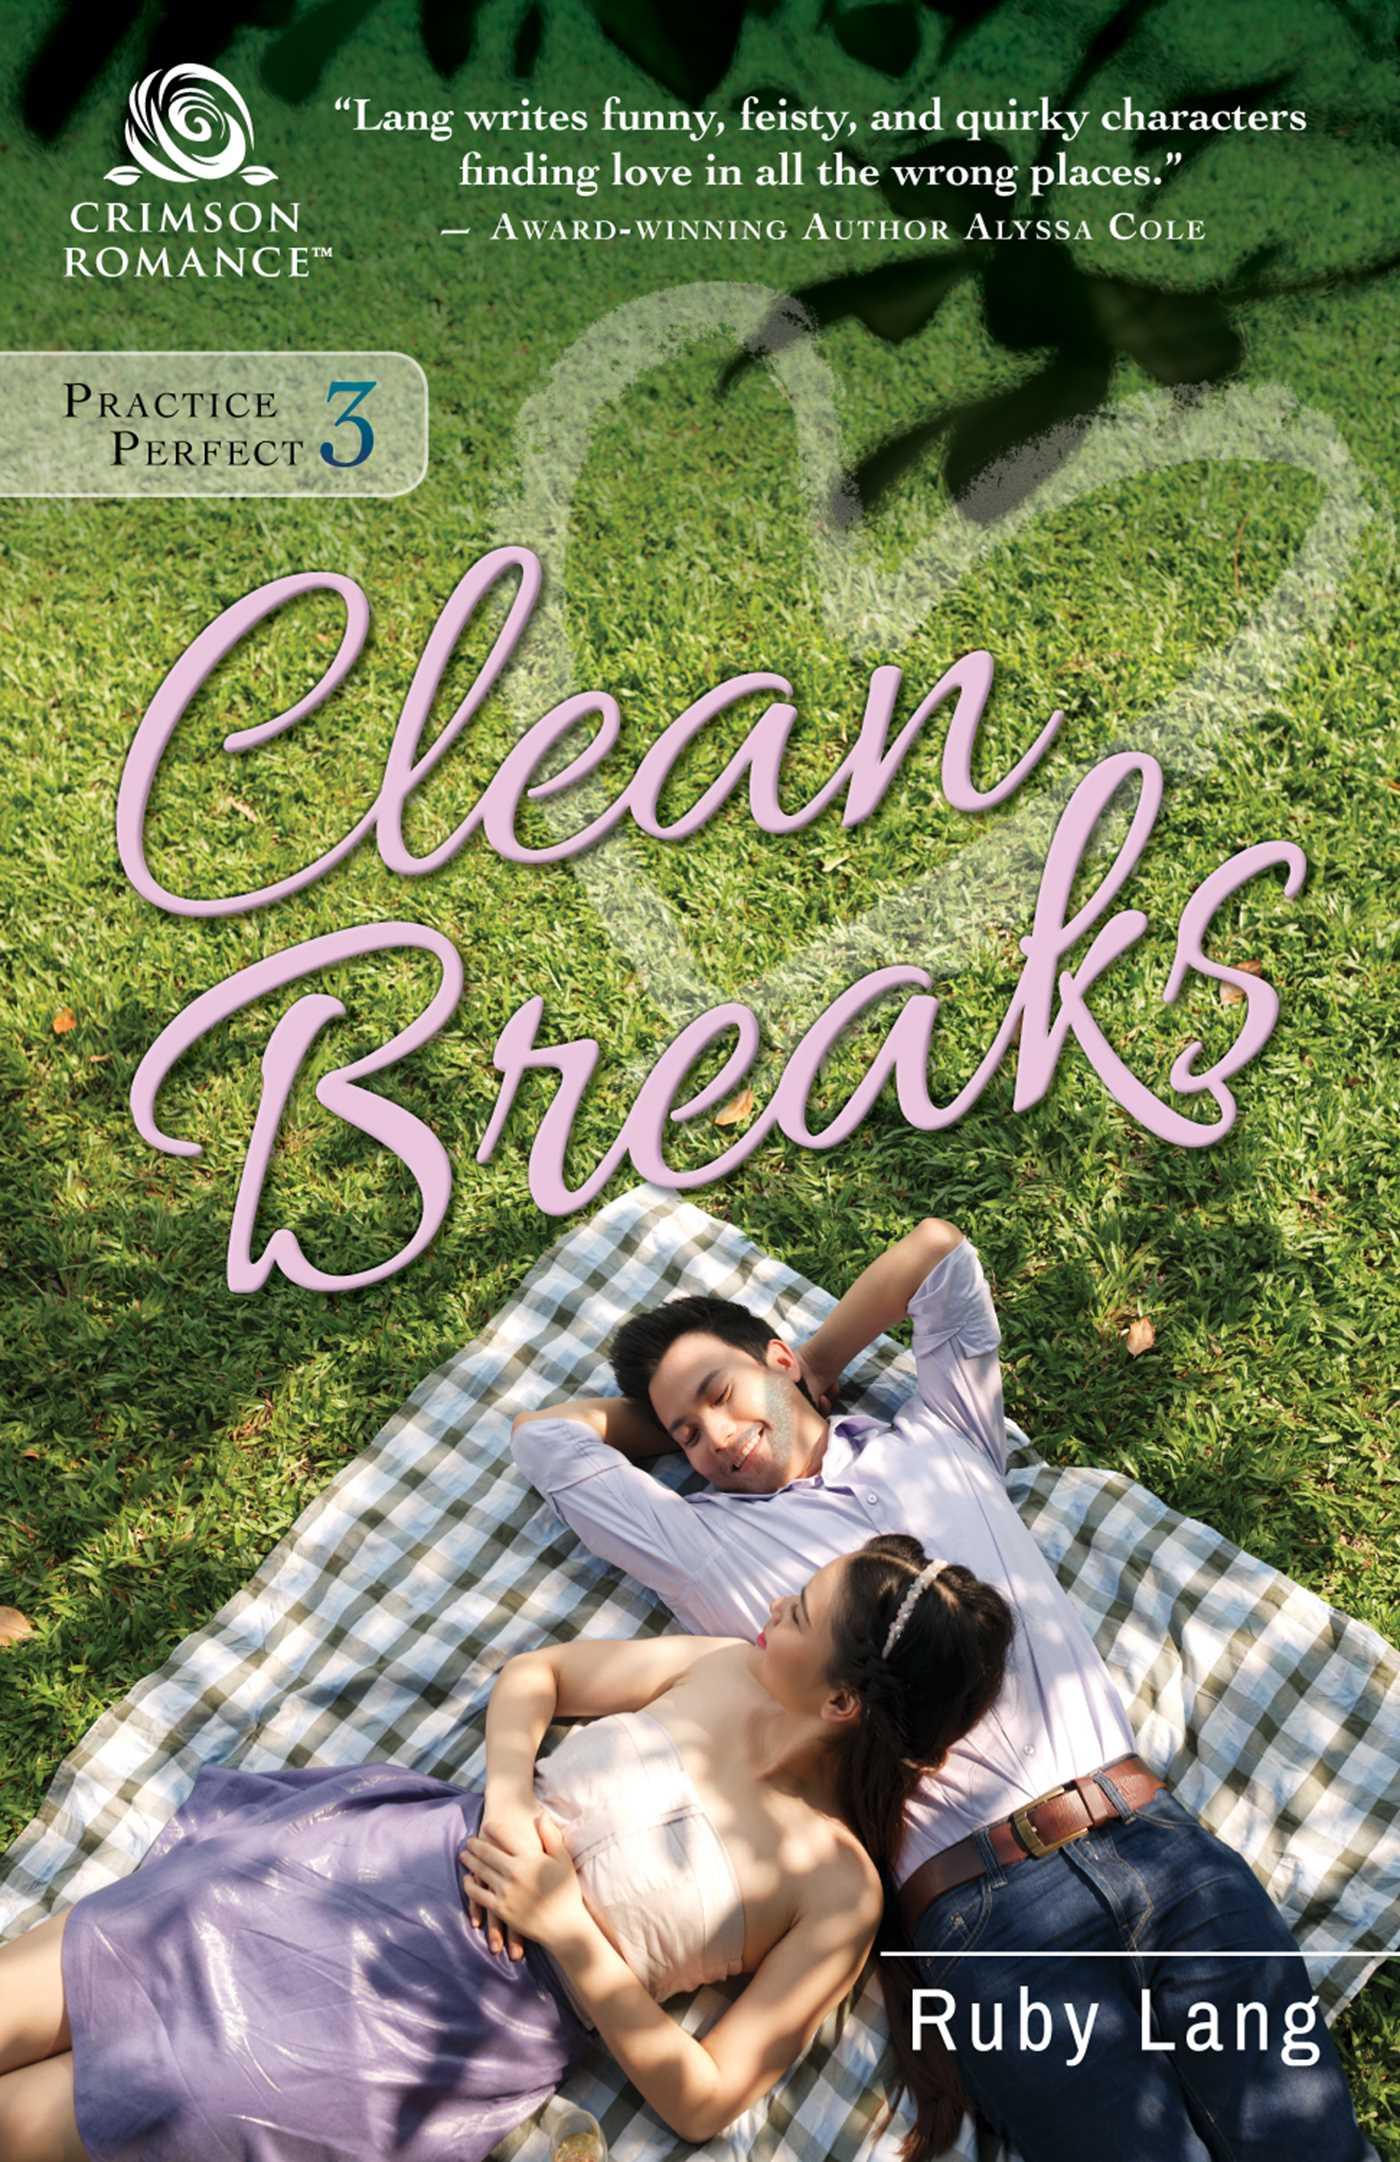 Clean breaks 9781507203910 hr